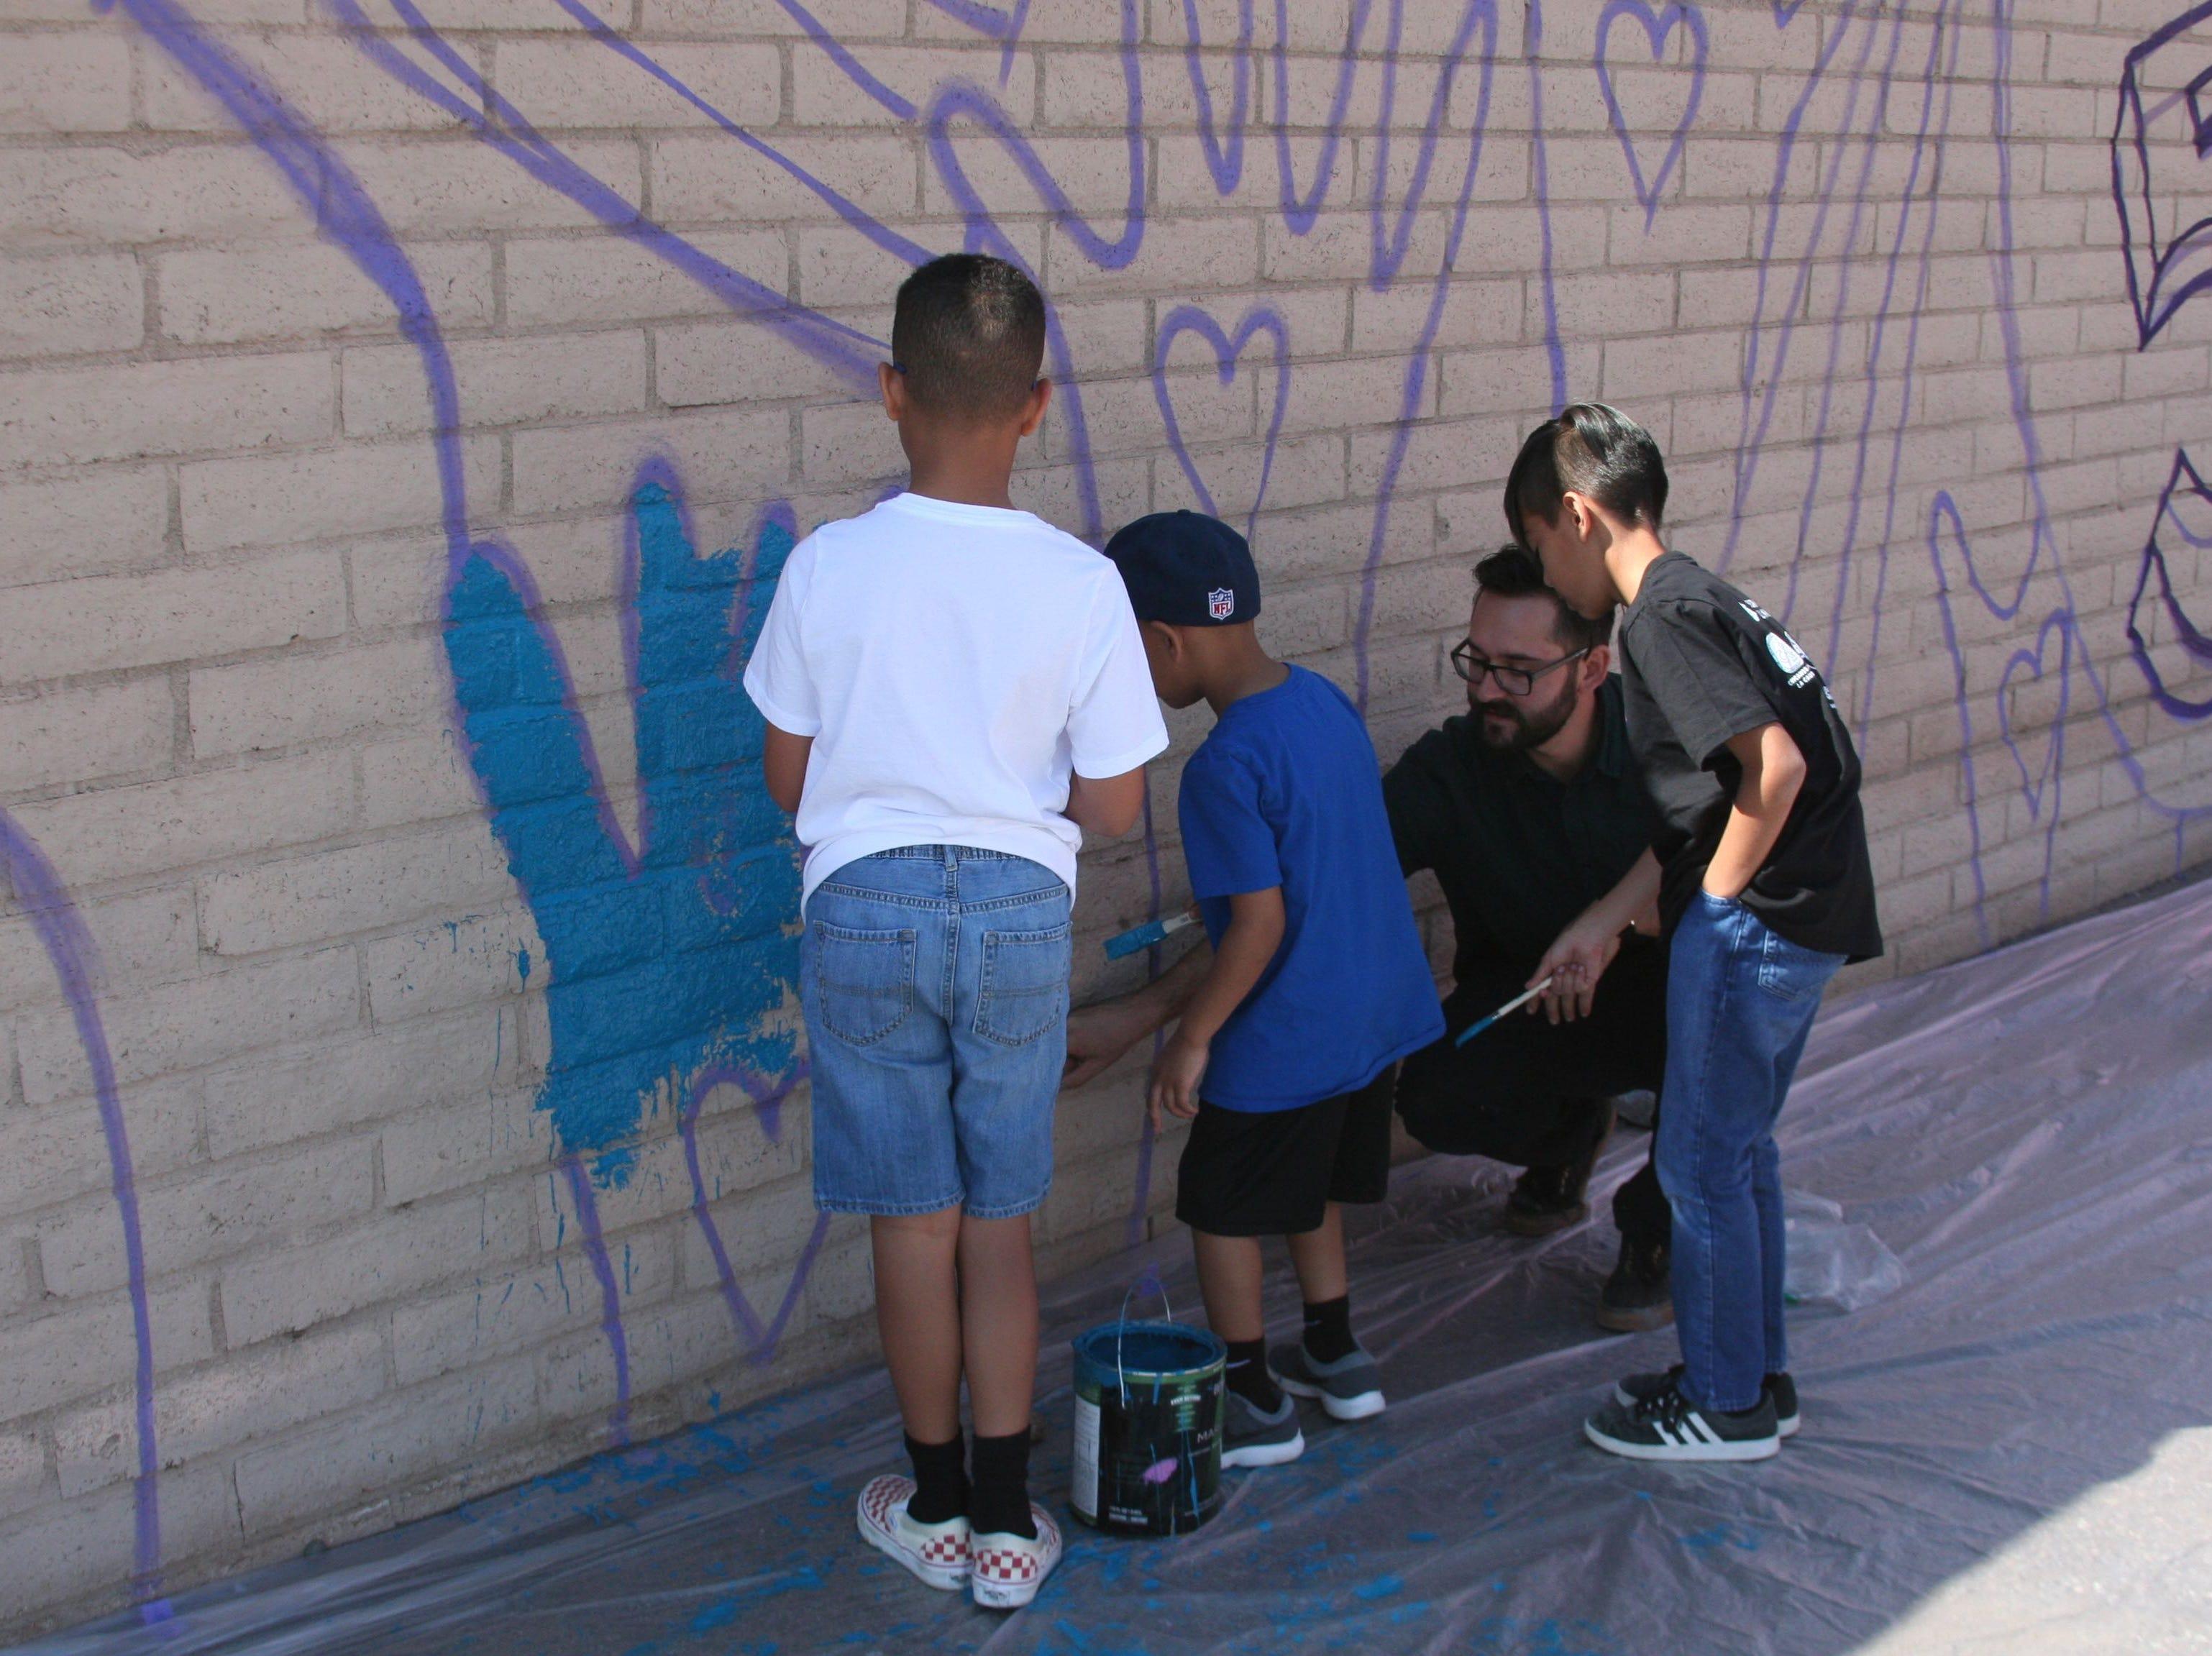 Durante el evento que celebró el natalicio de César Chávez, los pequeños recibieron los consejos del renombrado pintor.